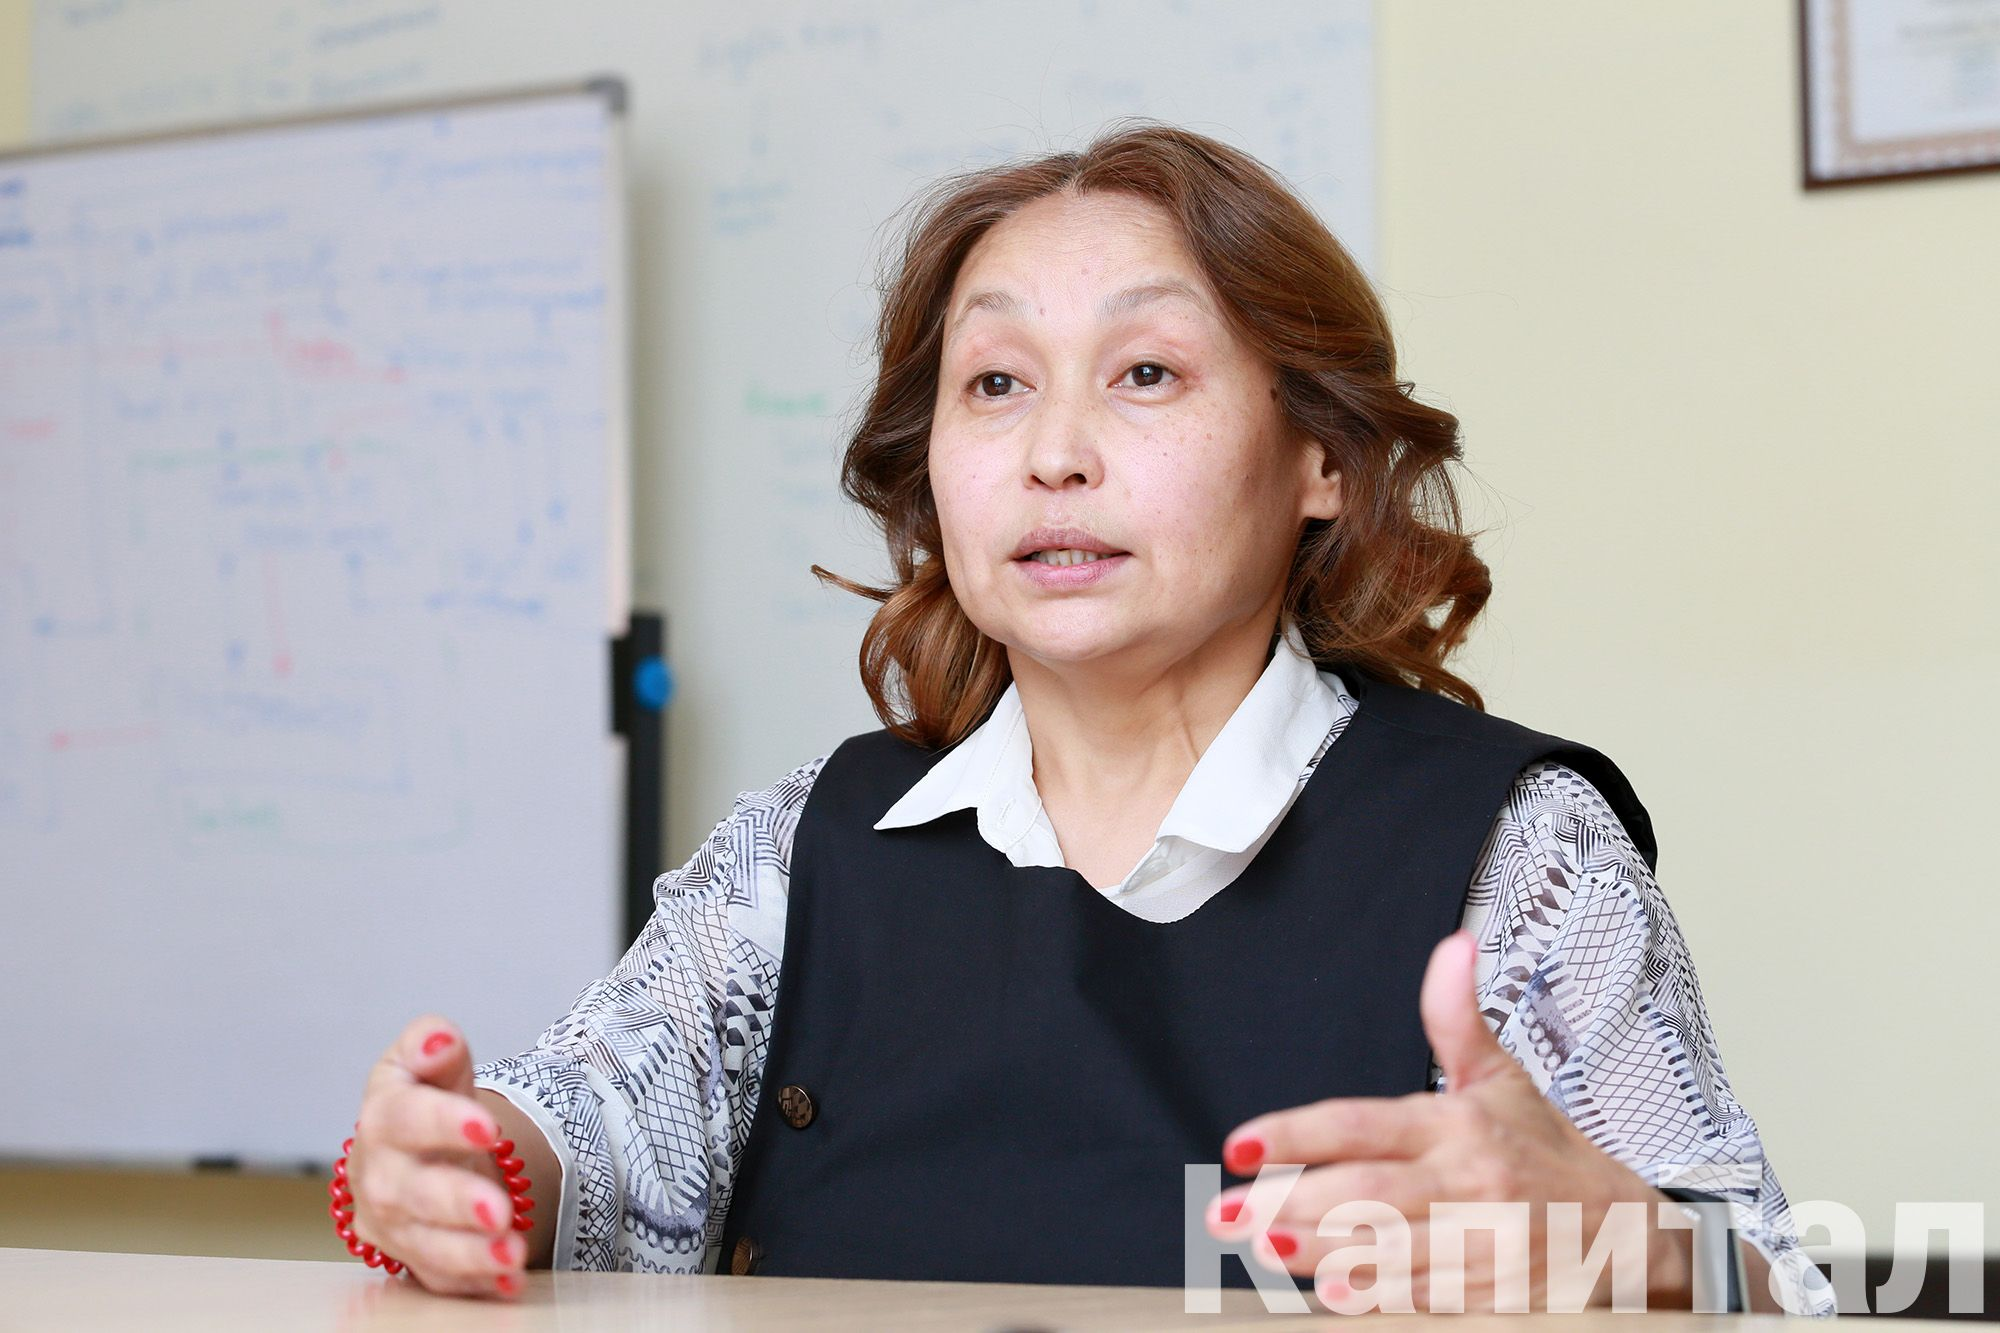 Галия Ахметжанова, основатель проекта - Kapital.kz